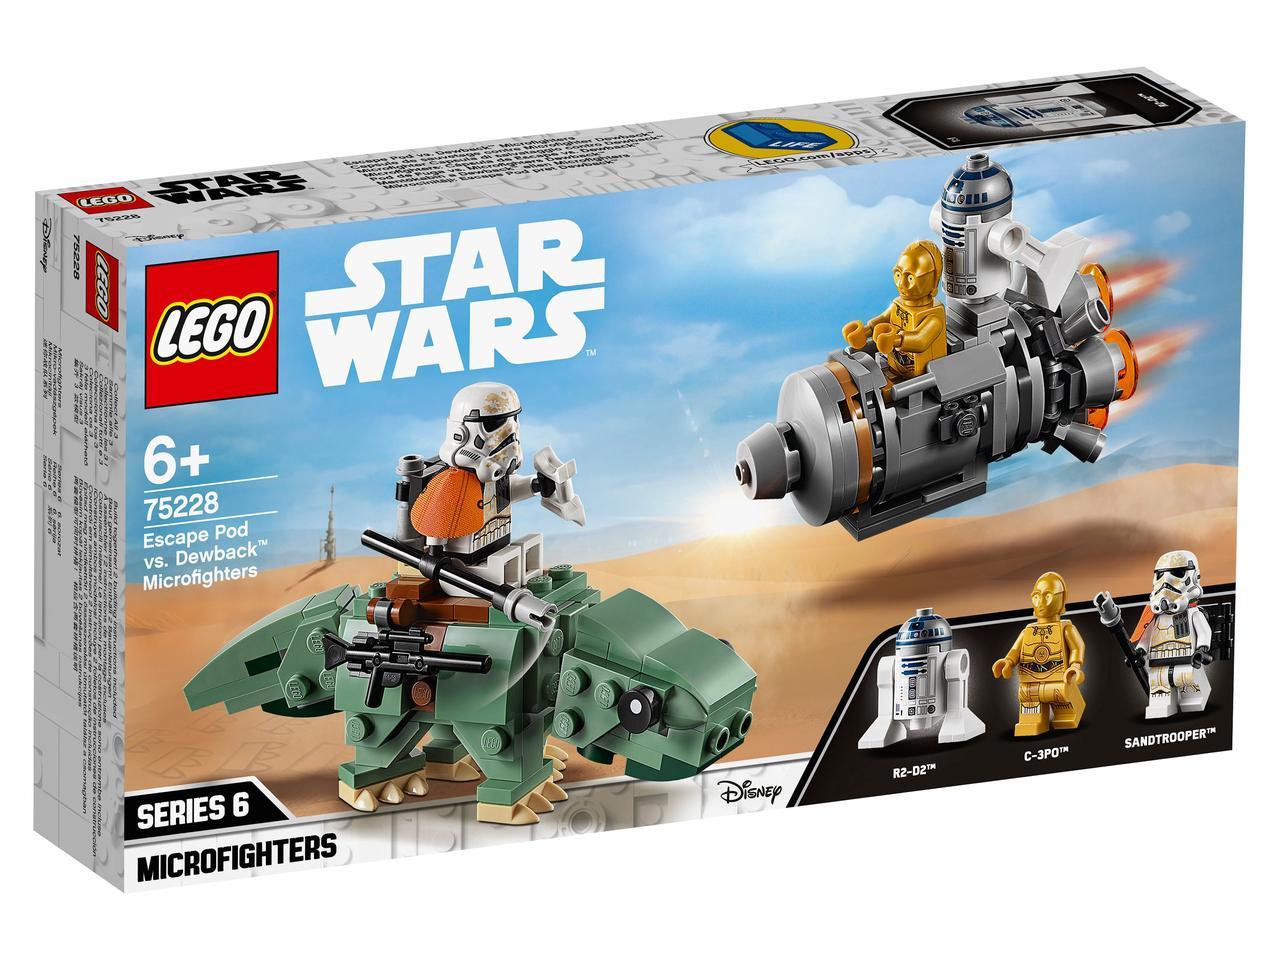 75228 Lego Star Wars Спасательная капсула Микрофайтеры: дьюбэк™, Лего Звездные войны